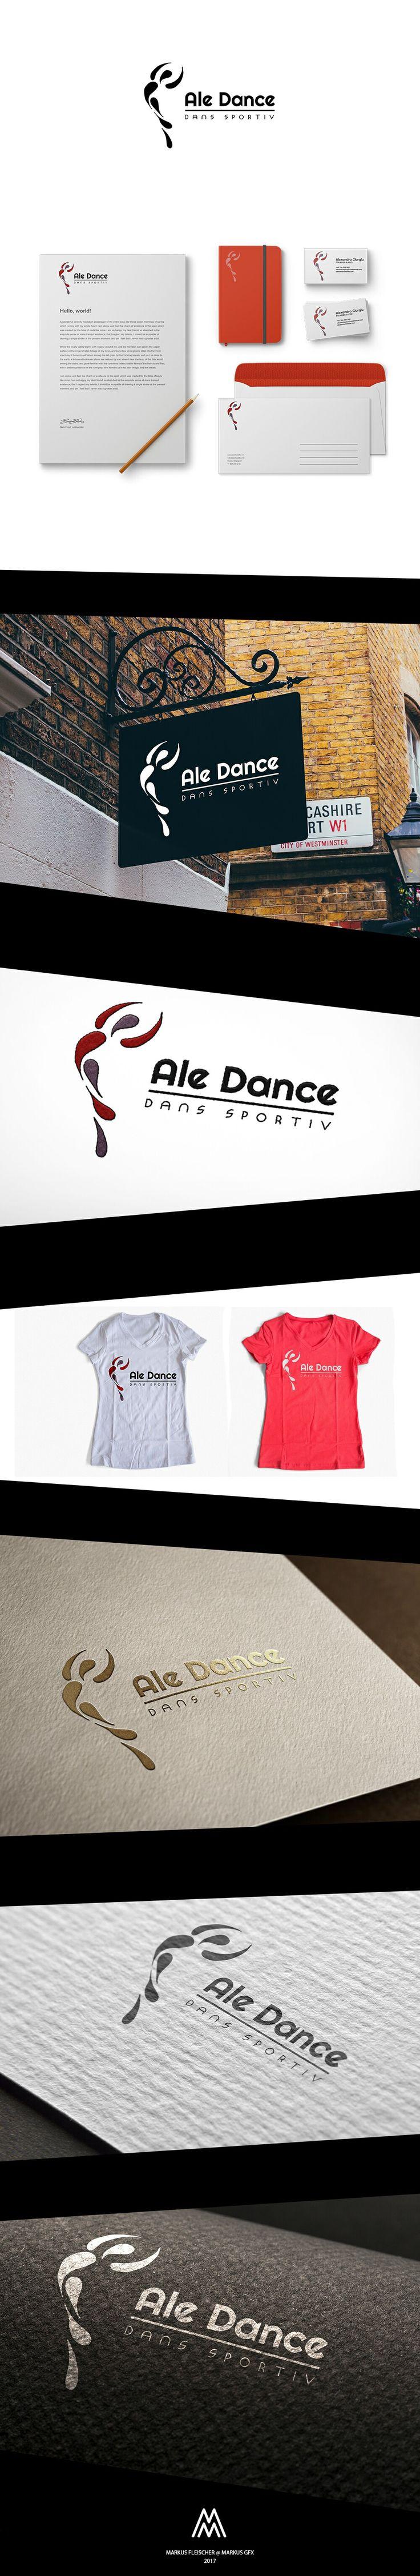 Ale Dance Logo / Branding / Identity - Markus GFX (Markus Fleischer)